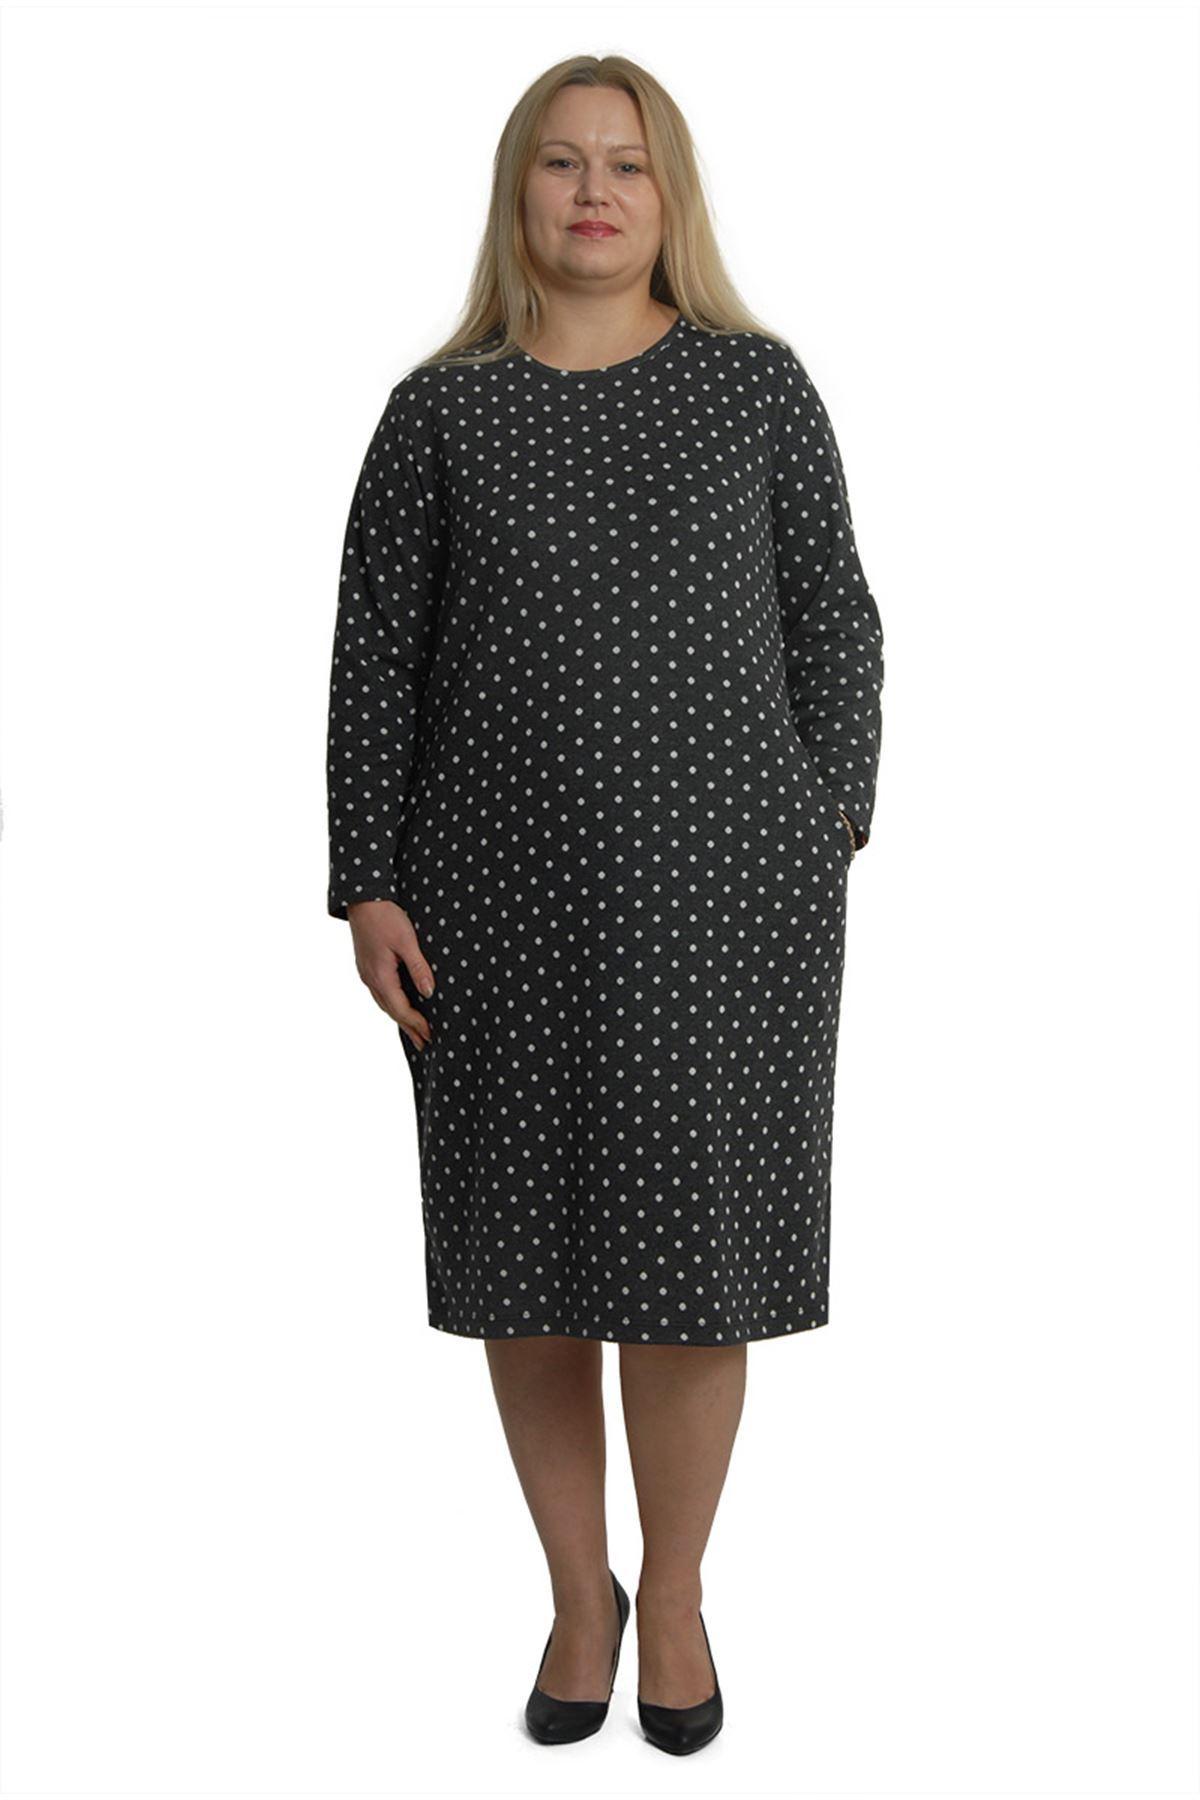 Büyük Beden Puanlı Elbise 3B-0383